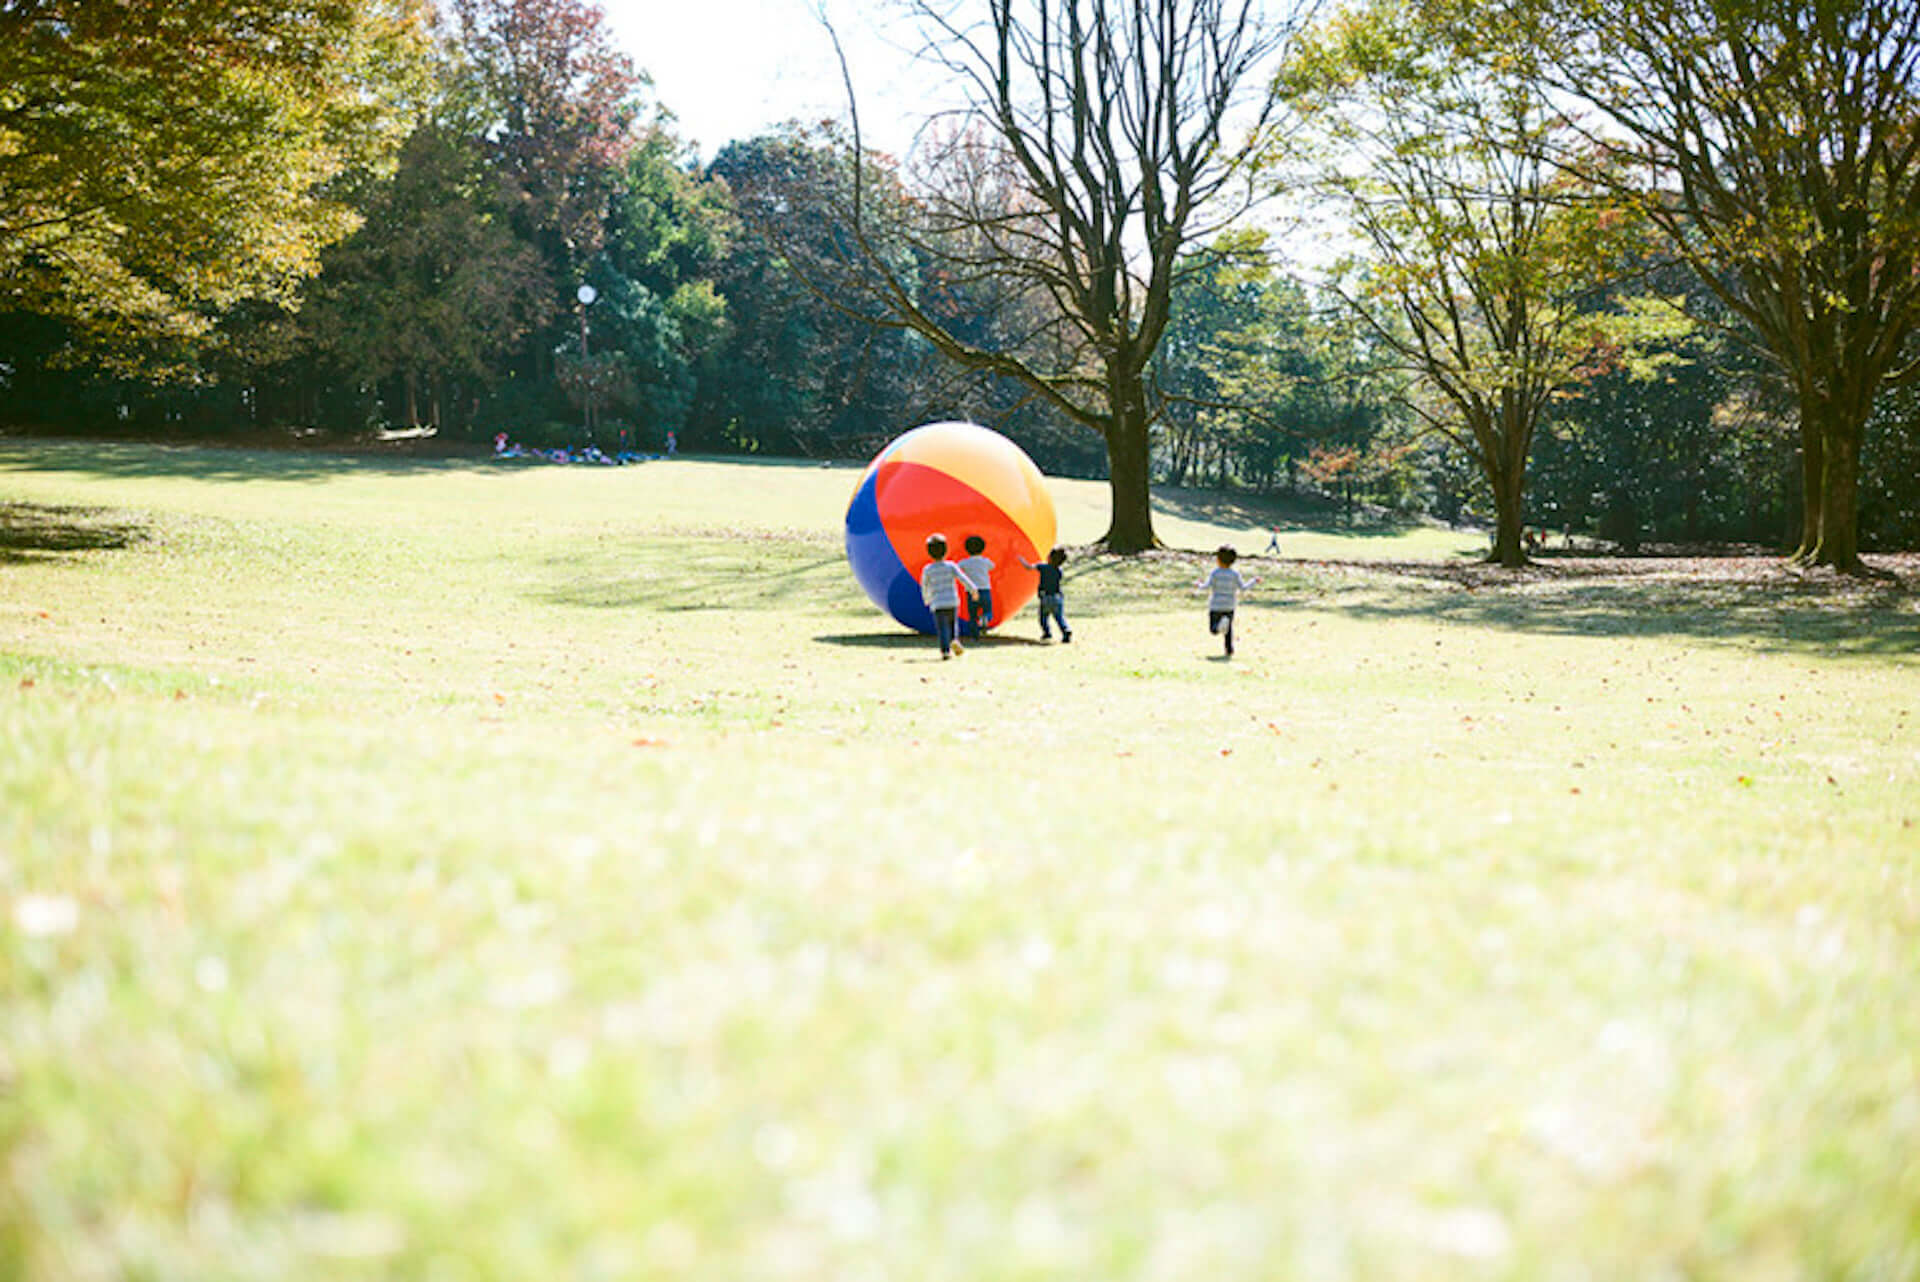 静岡の泊まれる公園「INN THE PARK」が野外ステージ設置クラウドファンディングを実施中!Tシャツや宿泊券などリターン多数 art200717_innthepark_13-1920x1282